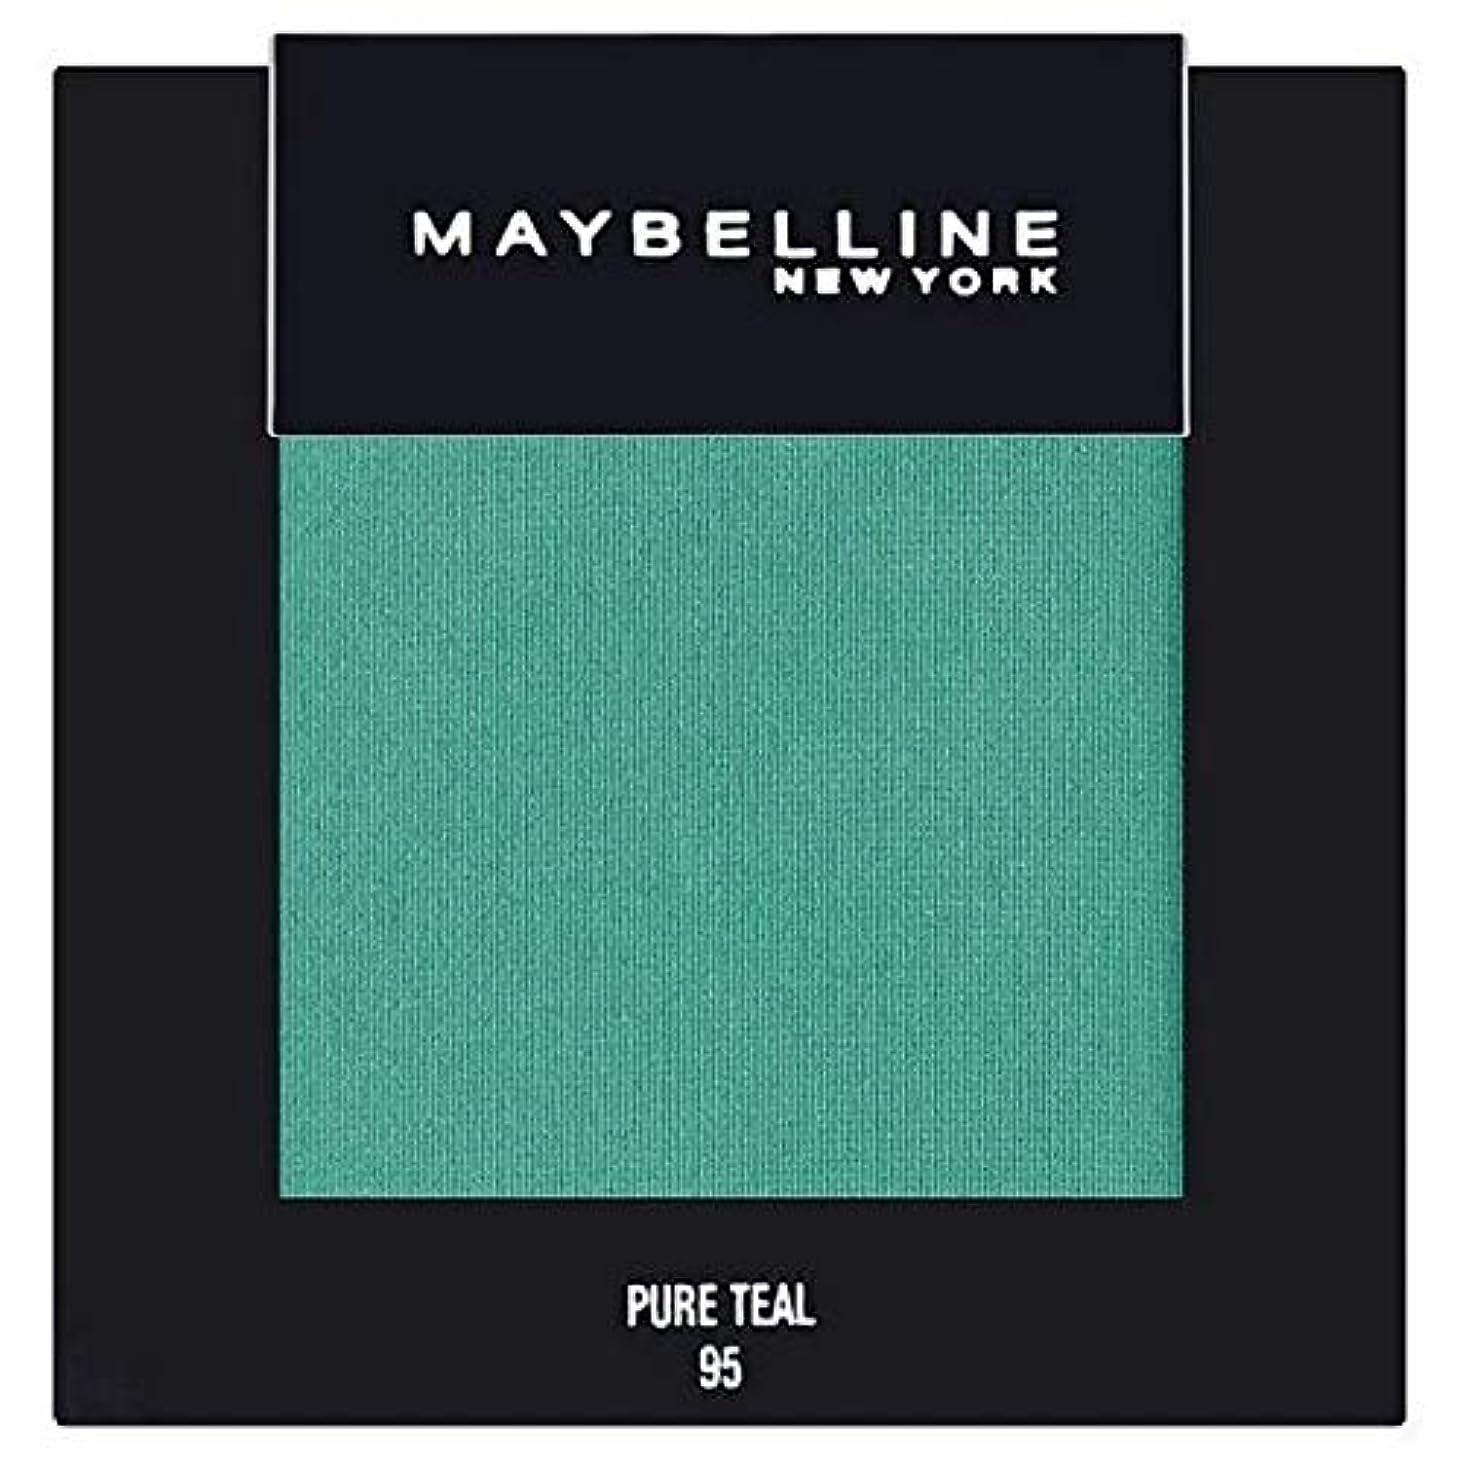 透けて見える六残る[Maybelline ] メイベリンカラーショー単一グリーンアイシャドウ95純粋ティール - Maybelline Color Show Single Green Eyeshadow 95 Pure Teal [並行輸入品]